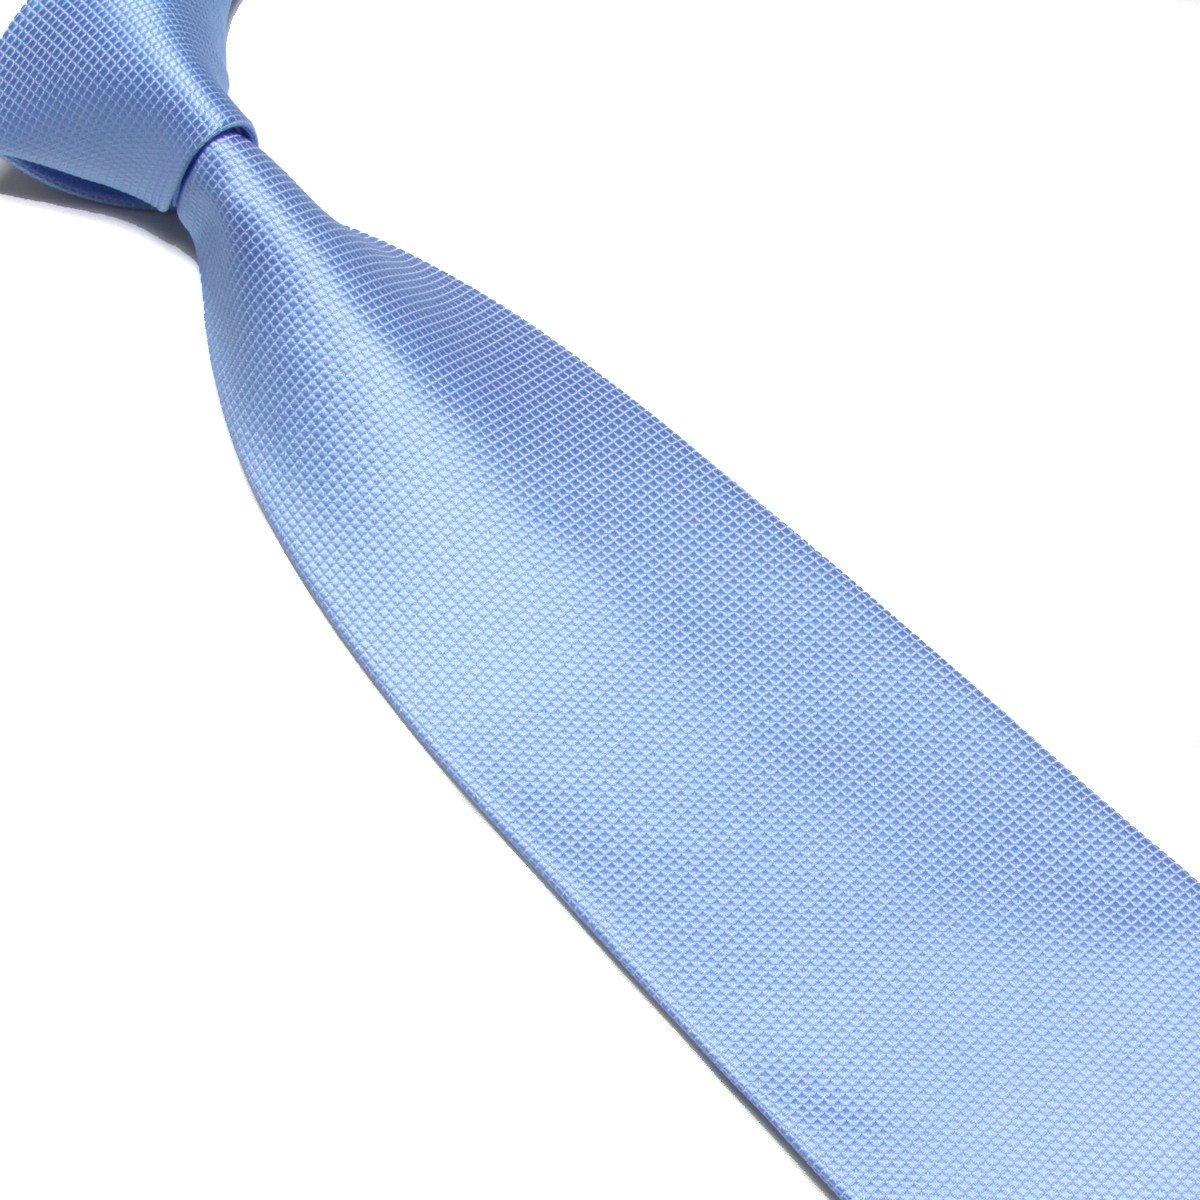 WERLM Business Mens Tie Pure Pigment Plaid Dress Tie 16 Color